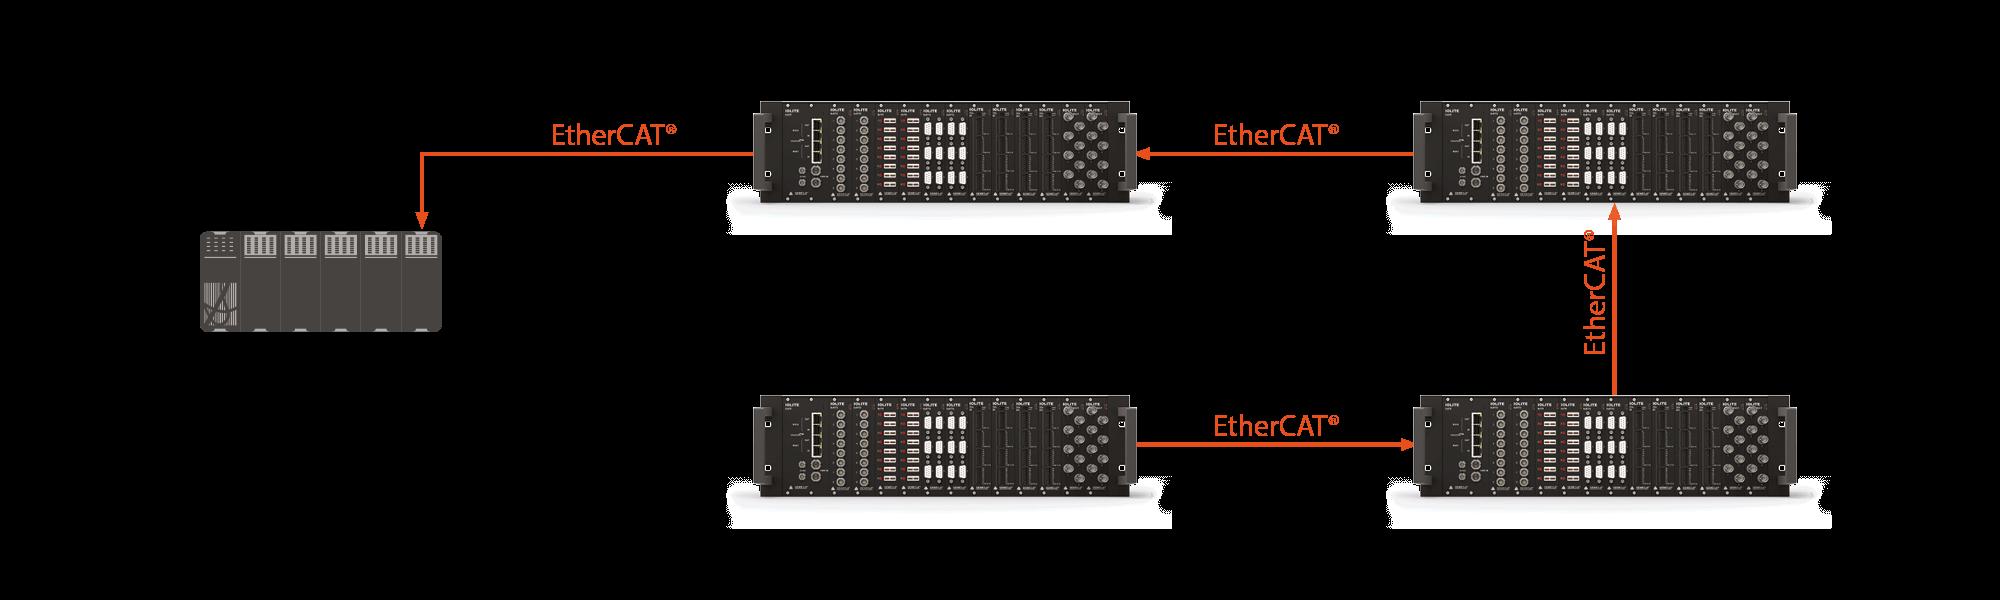 Mạng EtherCAT có khả năng chịu lỗi cao